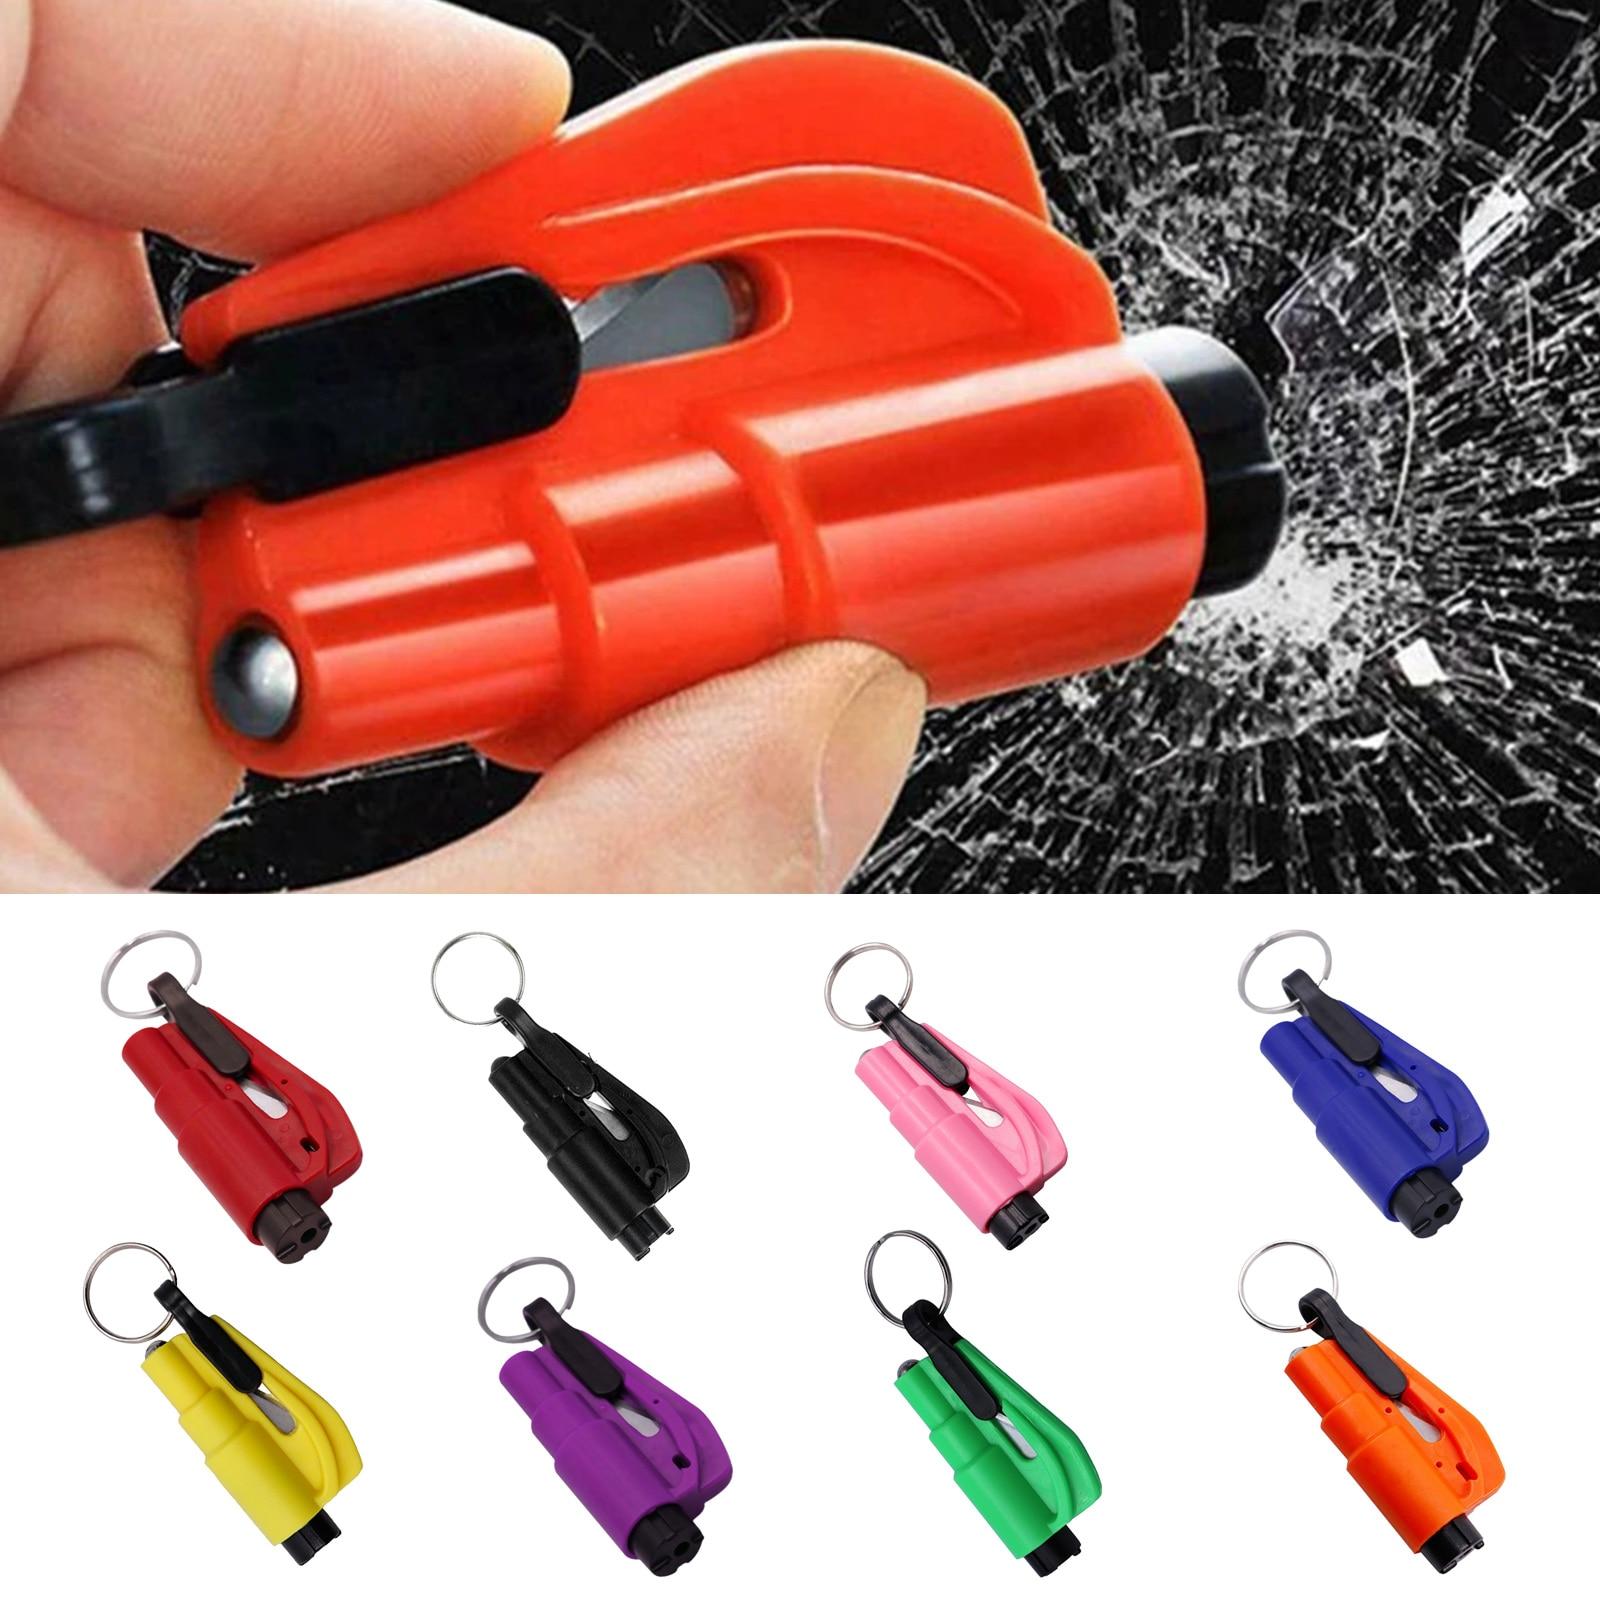 Автомобильный Безопасность молоток Весна Тип, аварийный молоток с оконный брейкер, Удар ремня безопасности Cutter2 в 1-м автомобилем Безопасно...